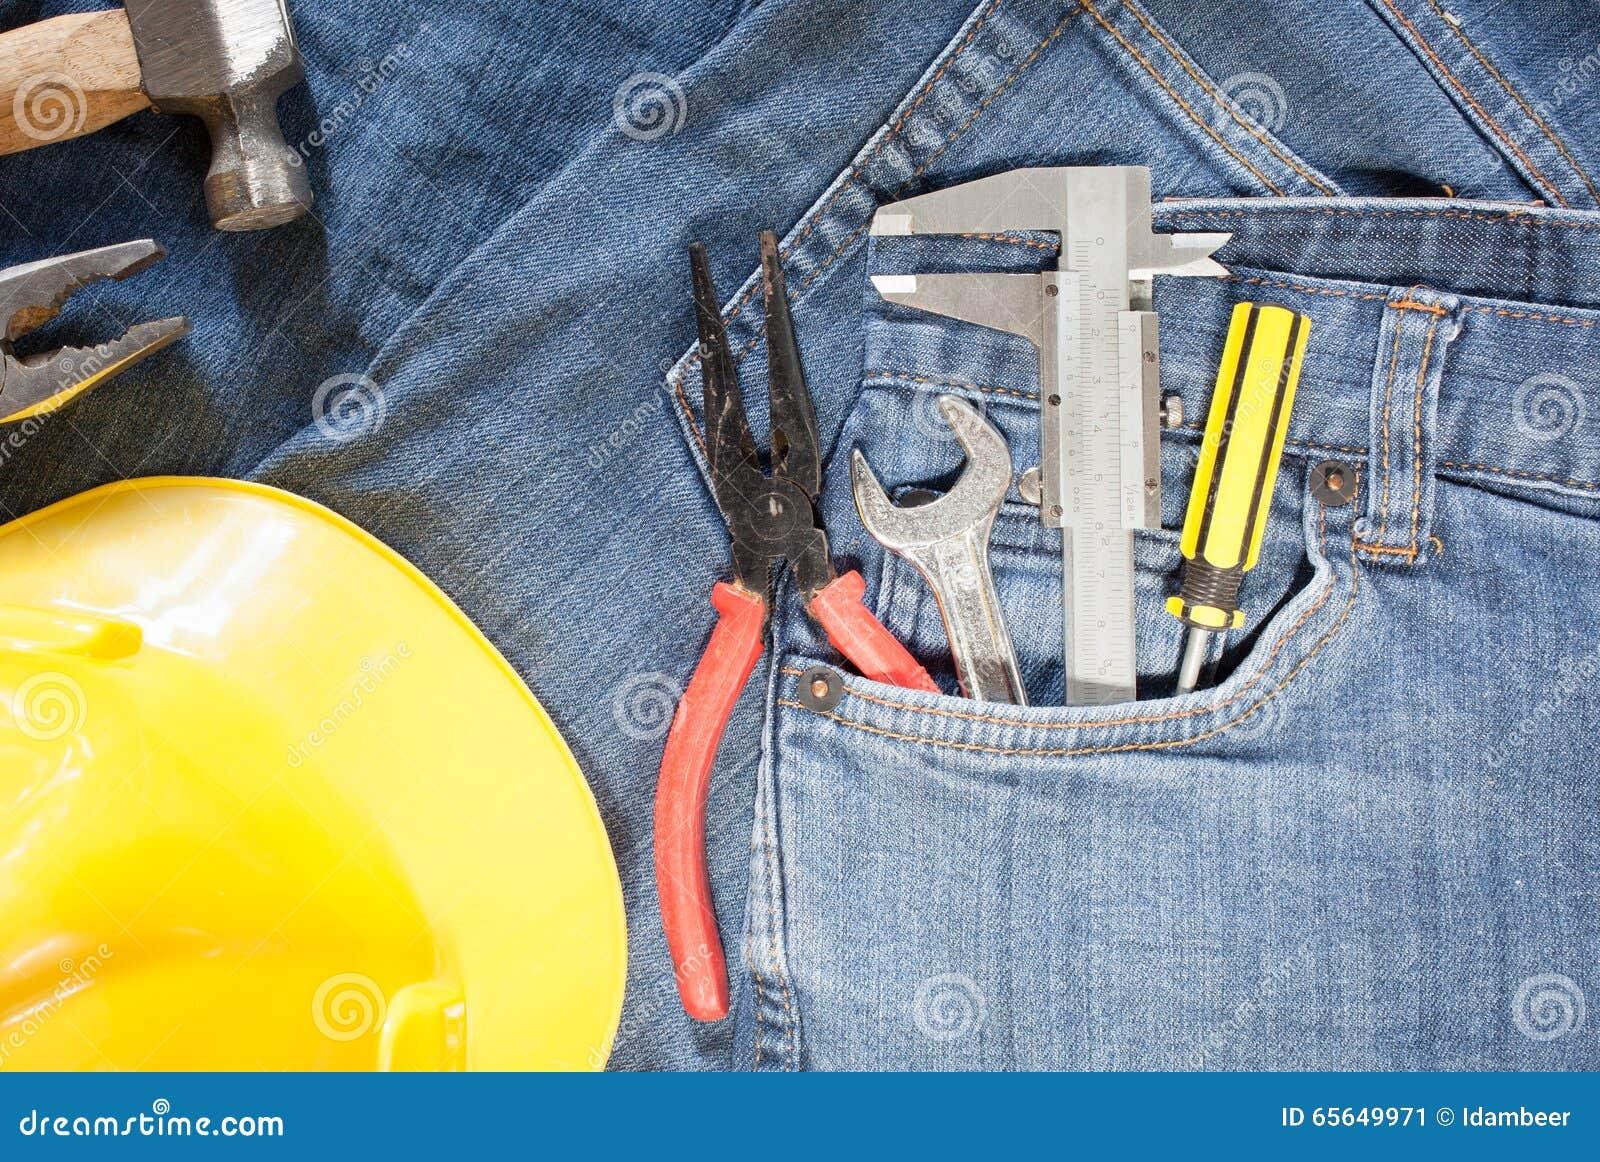 Trousse à outils dans la poche de treillis